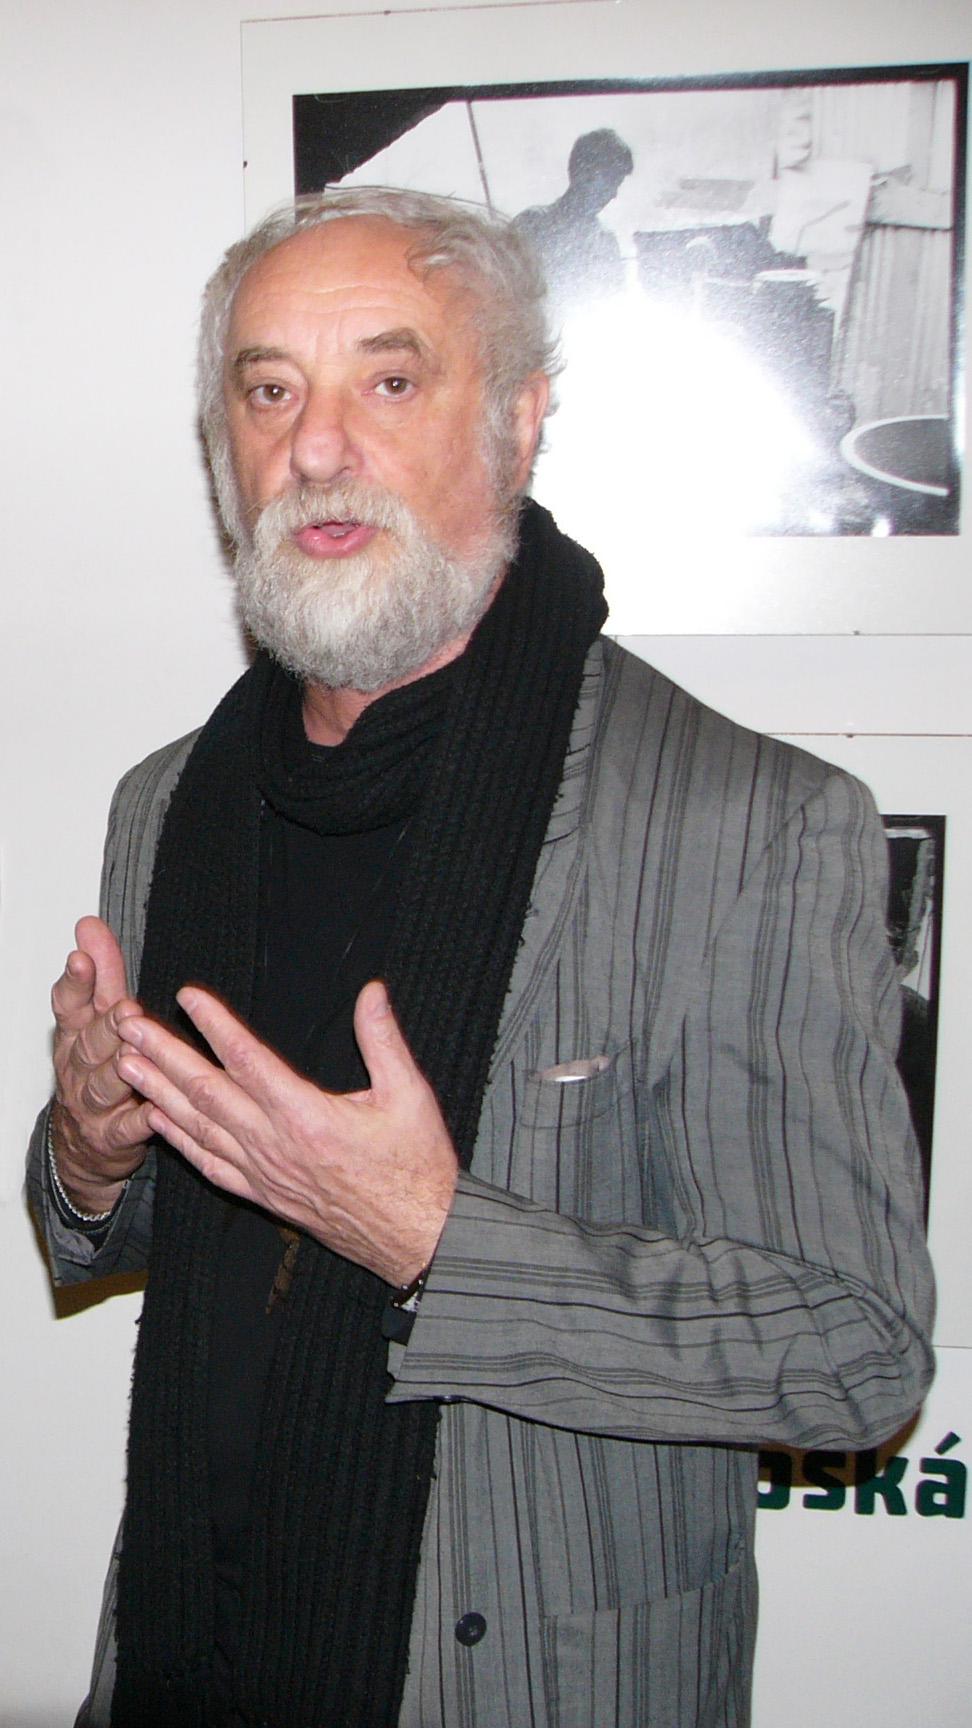 Image of Jindrich Štreit from Wikidata